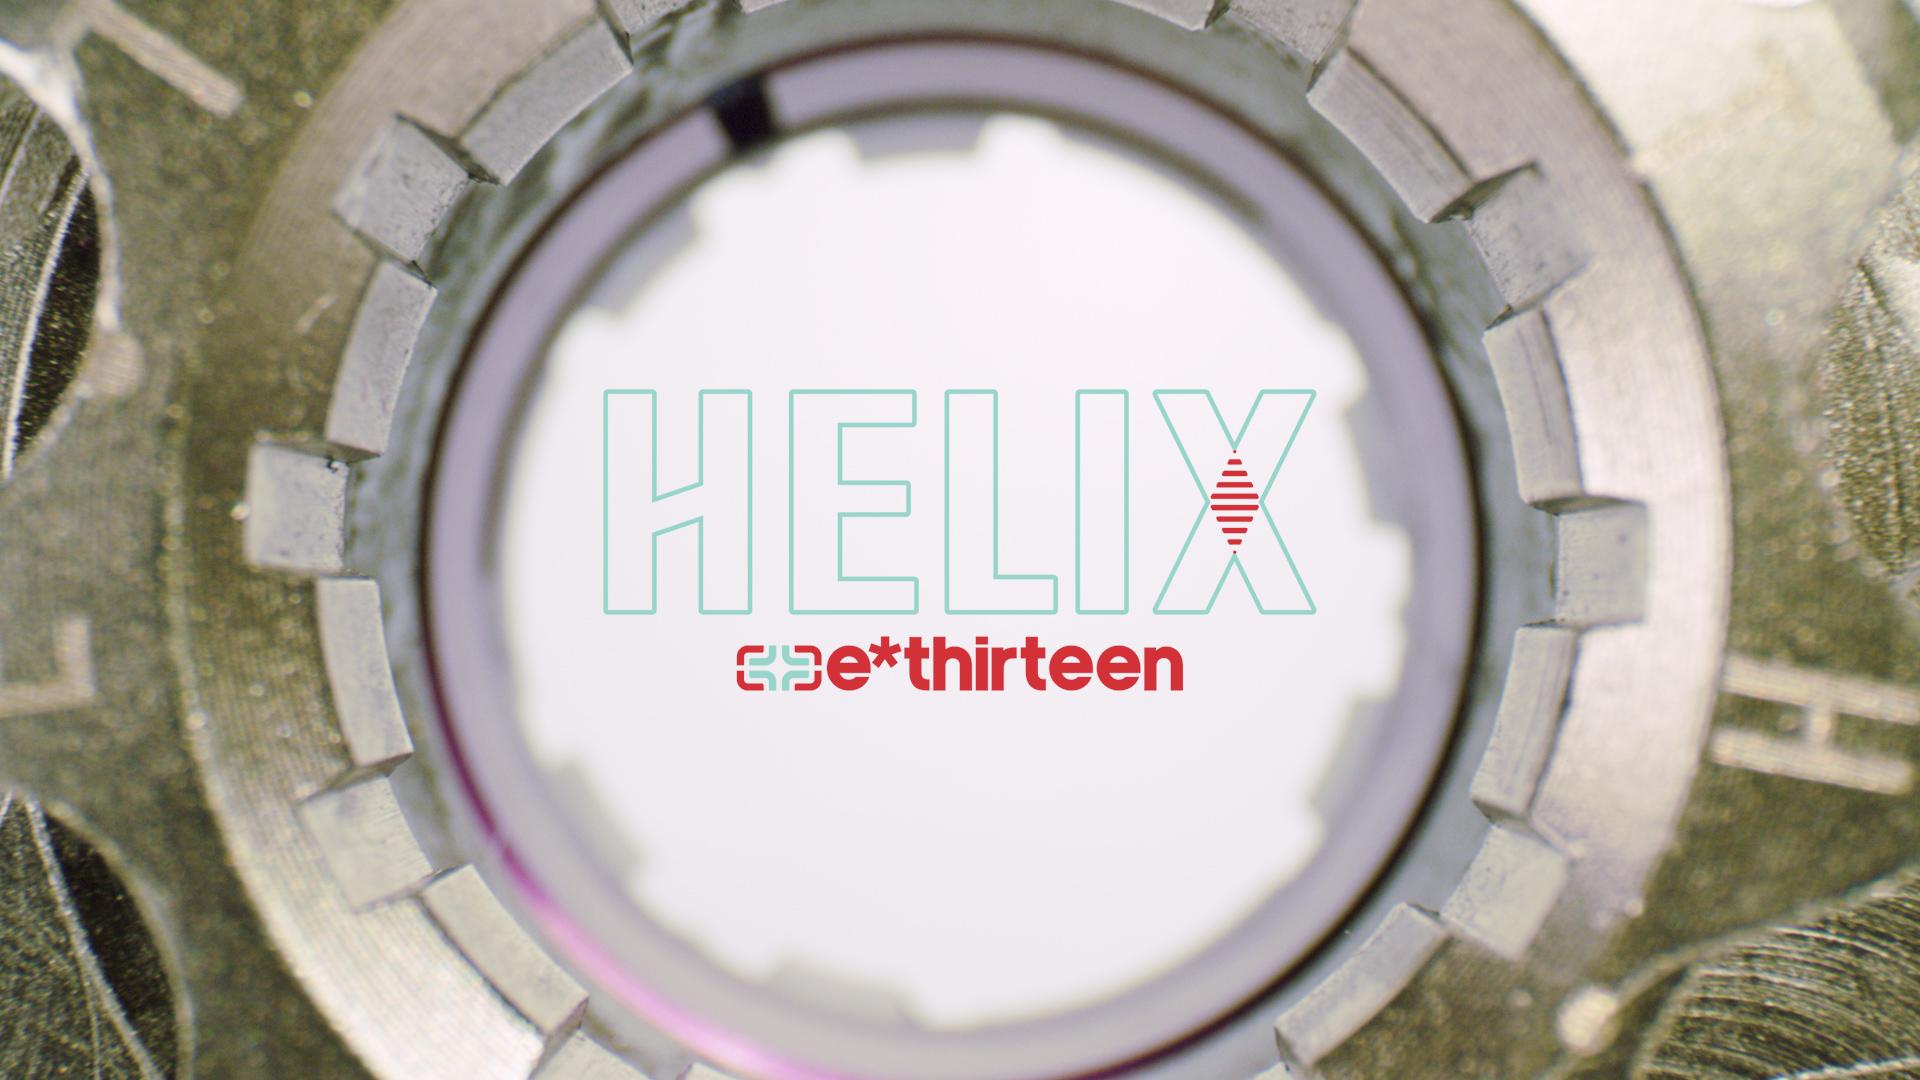 e.thirteen Helix 9-50t Cassette, SRAM 11/12spd Cassette Alternative – e.thirteen Helix R 9-50t Cassette